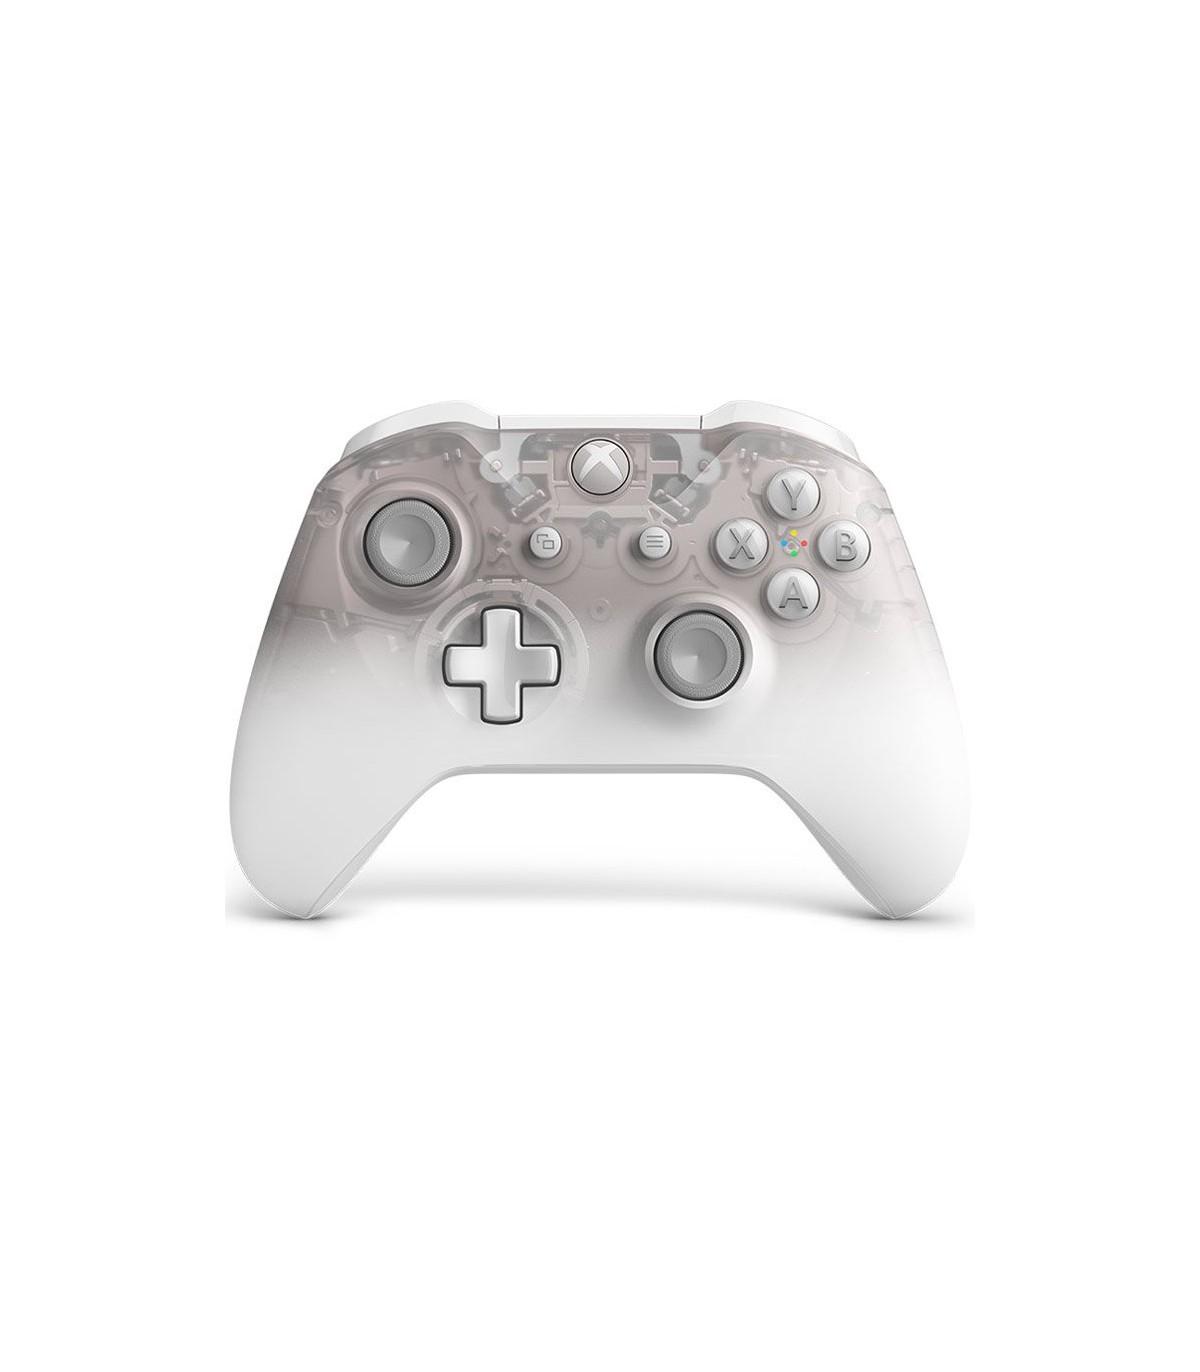 دسته بازی Xbox Wireless Controller – Phantom White Special Edition